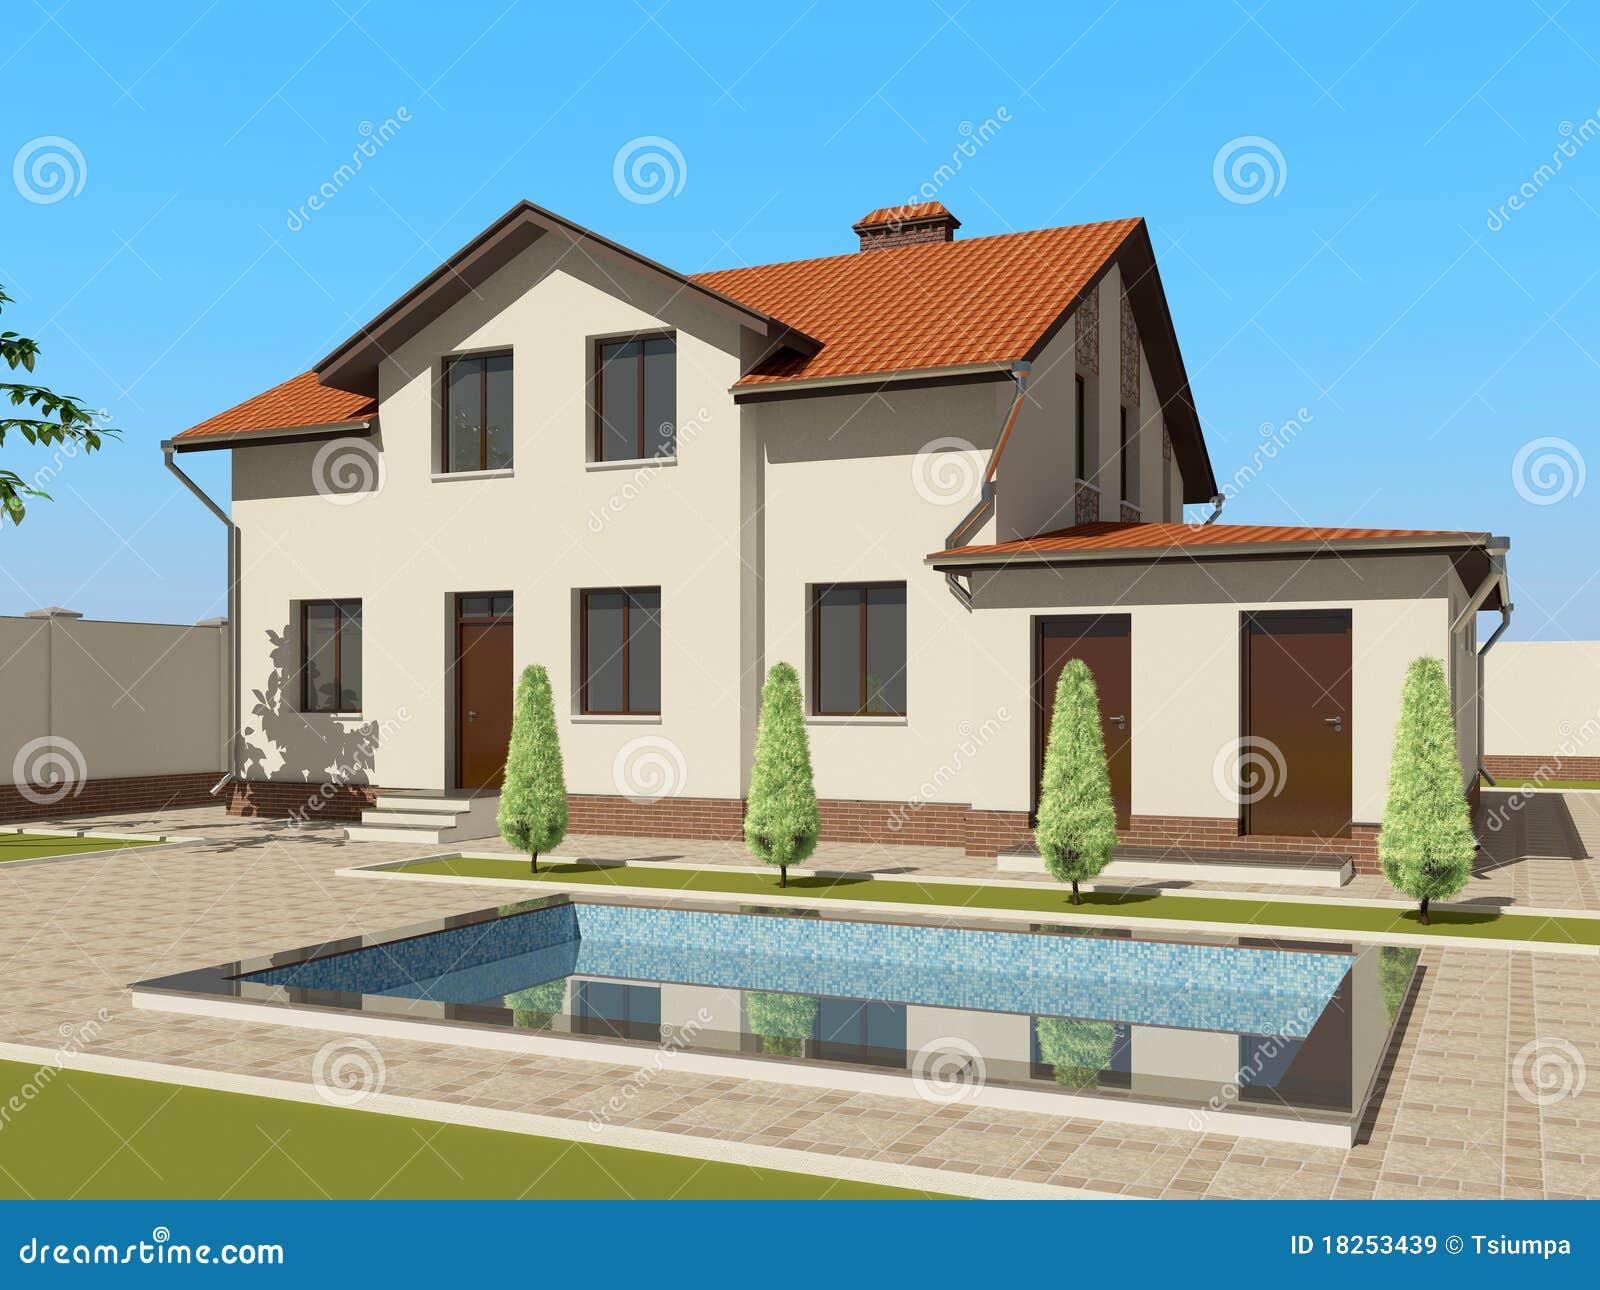 3d schets van het huis stock illustratie afbeelding bestaande uit grafisch 18253439 - Model van huisarchitectuur ...